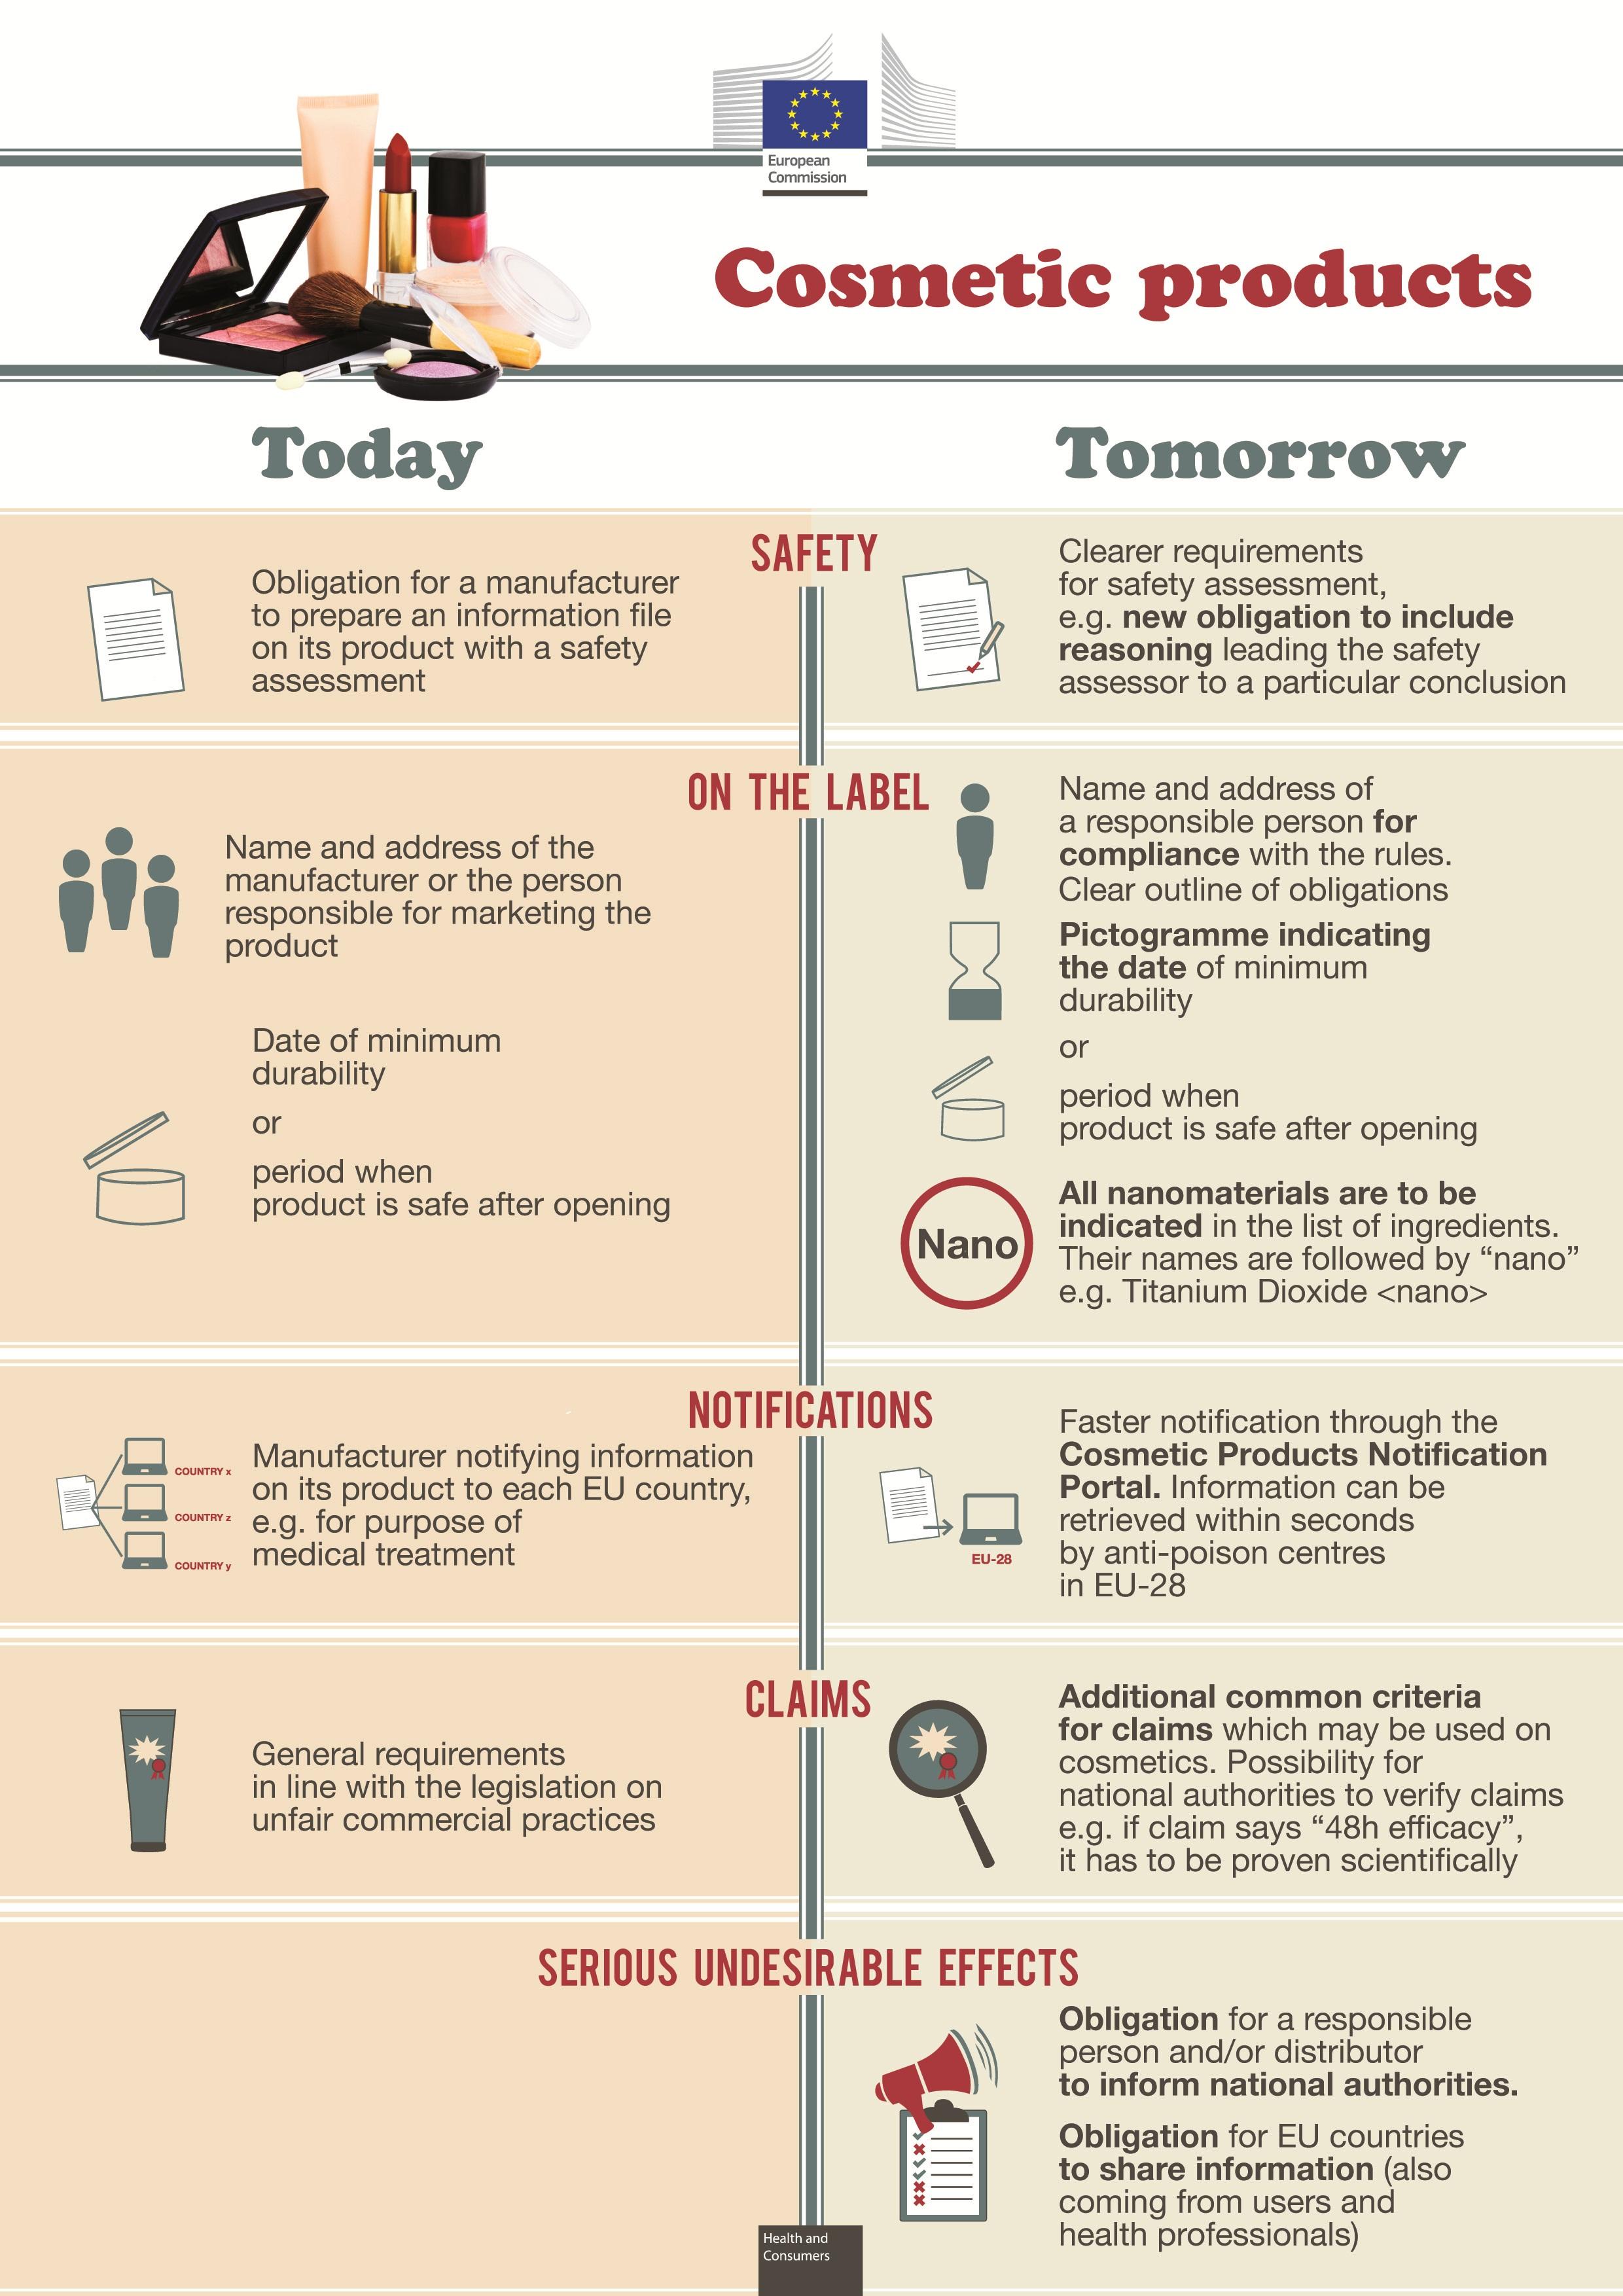 Infográfico elaborado pela  Comissão Europeia para facilitar a compreensão das mudanças trazidas pela Diretiva 1223/2009